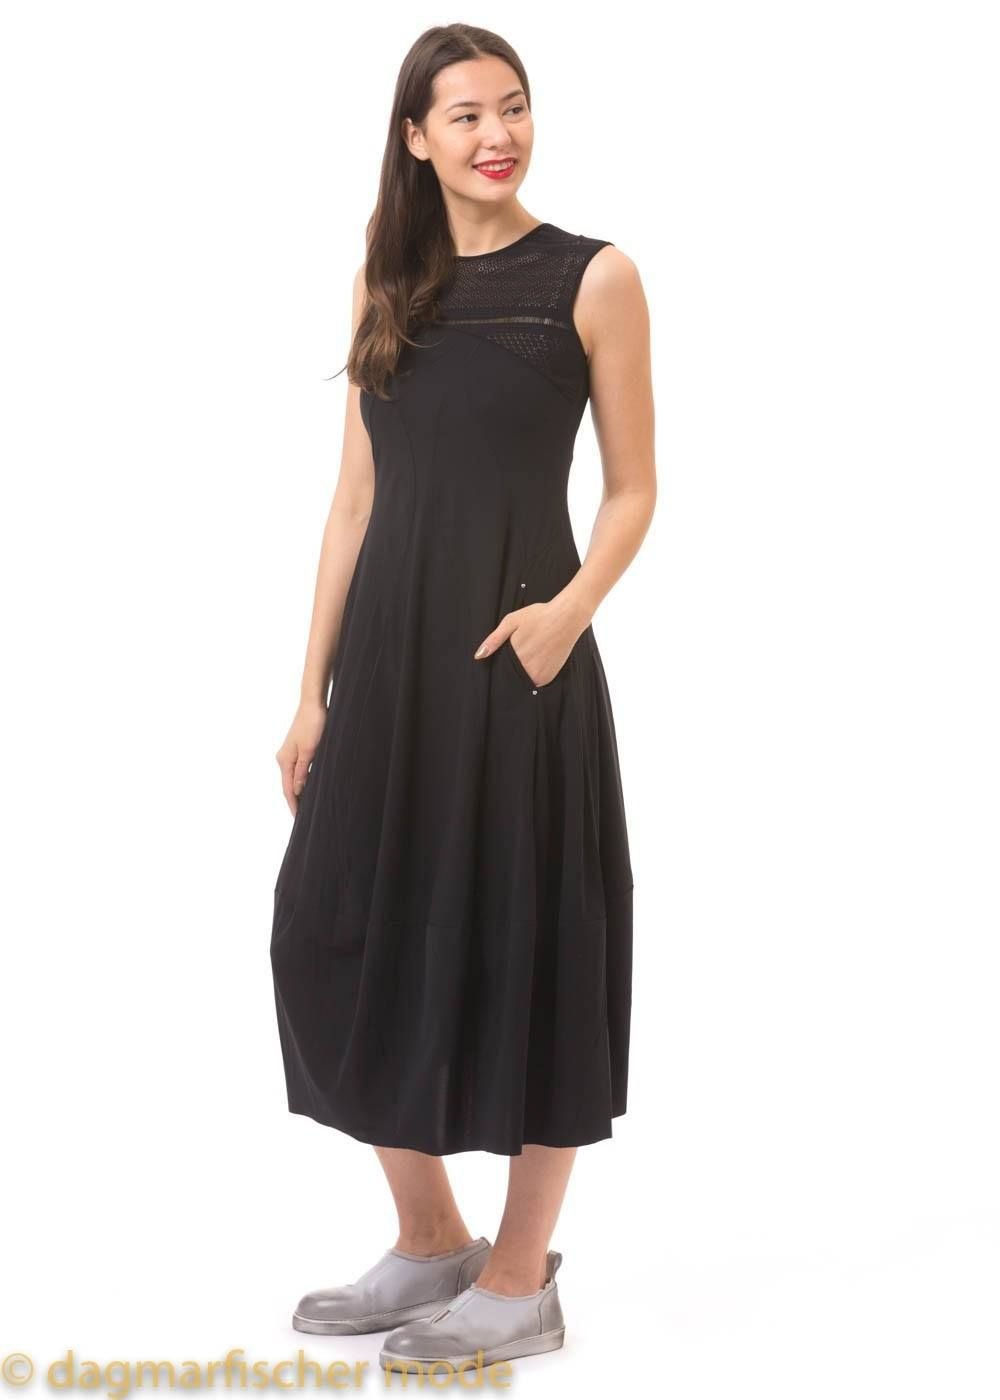 Kleid Mesmerize von HIGH in schwarz - dagmarfischer mode ...